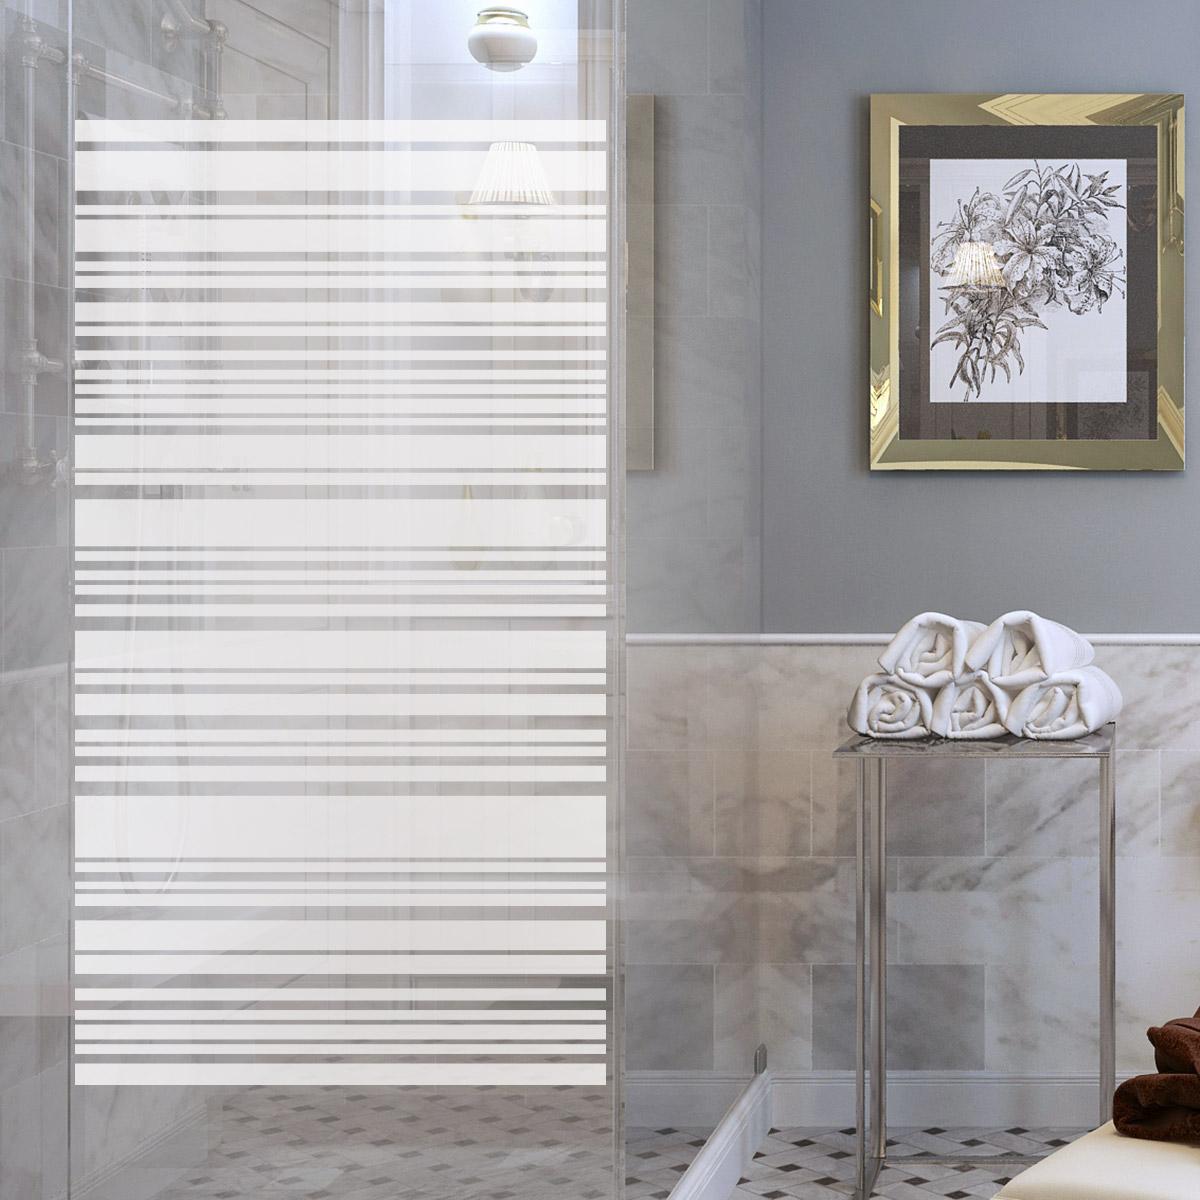 Shower Door Wall Decal Design Aligné Decals Quote